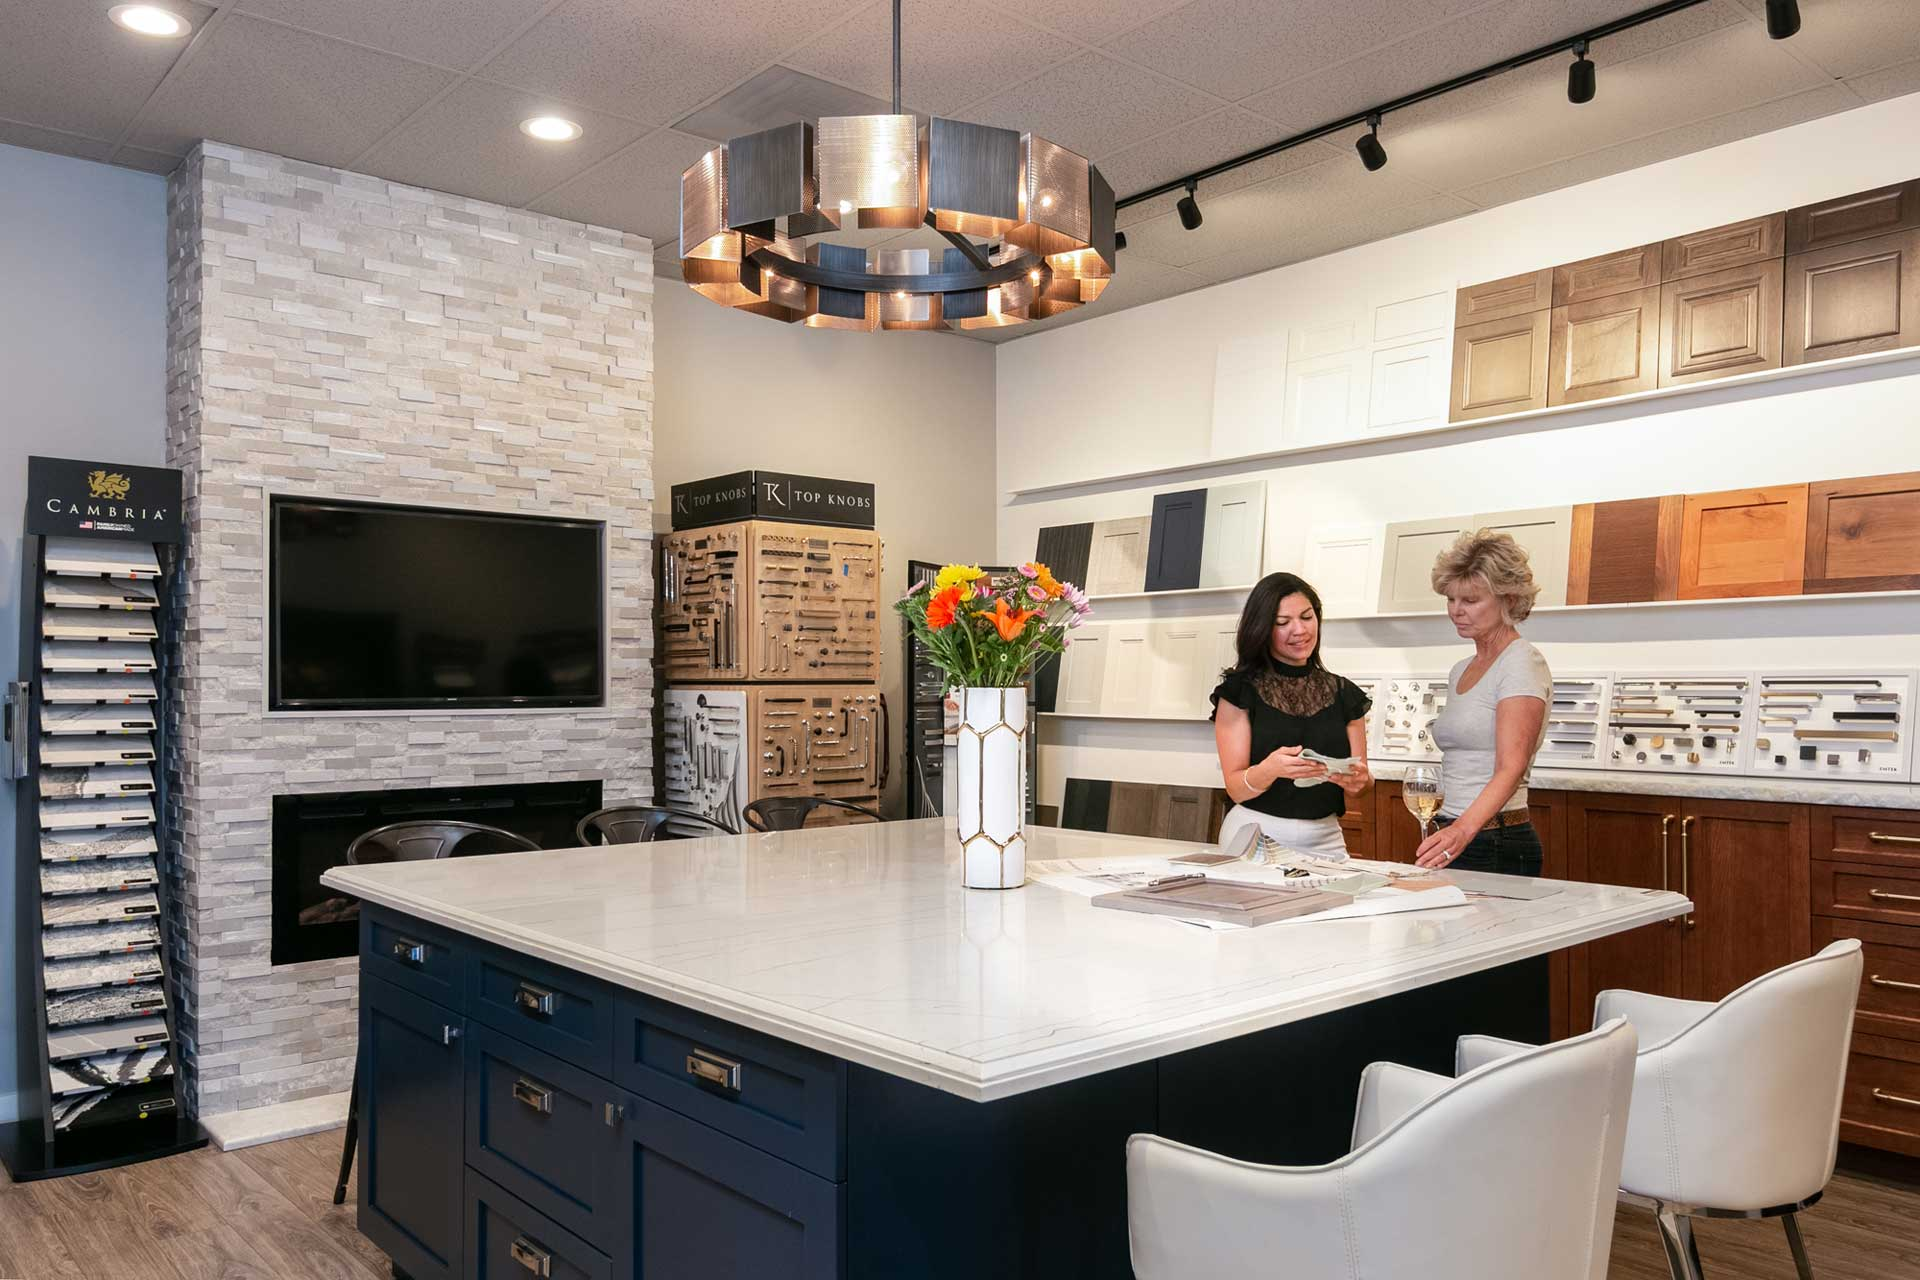 Kitchen showroom Santa Barbara, CA